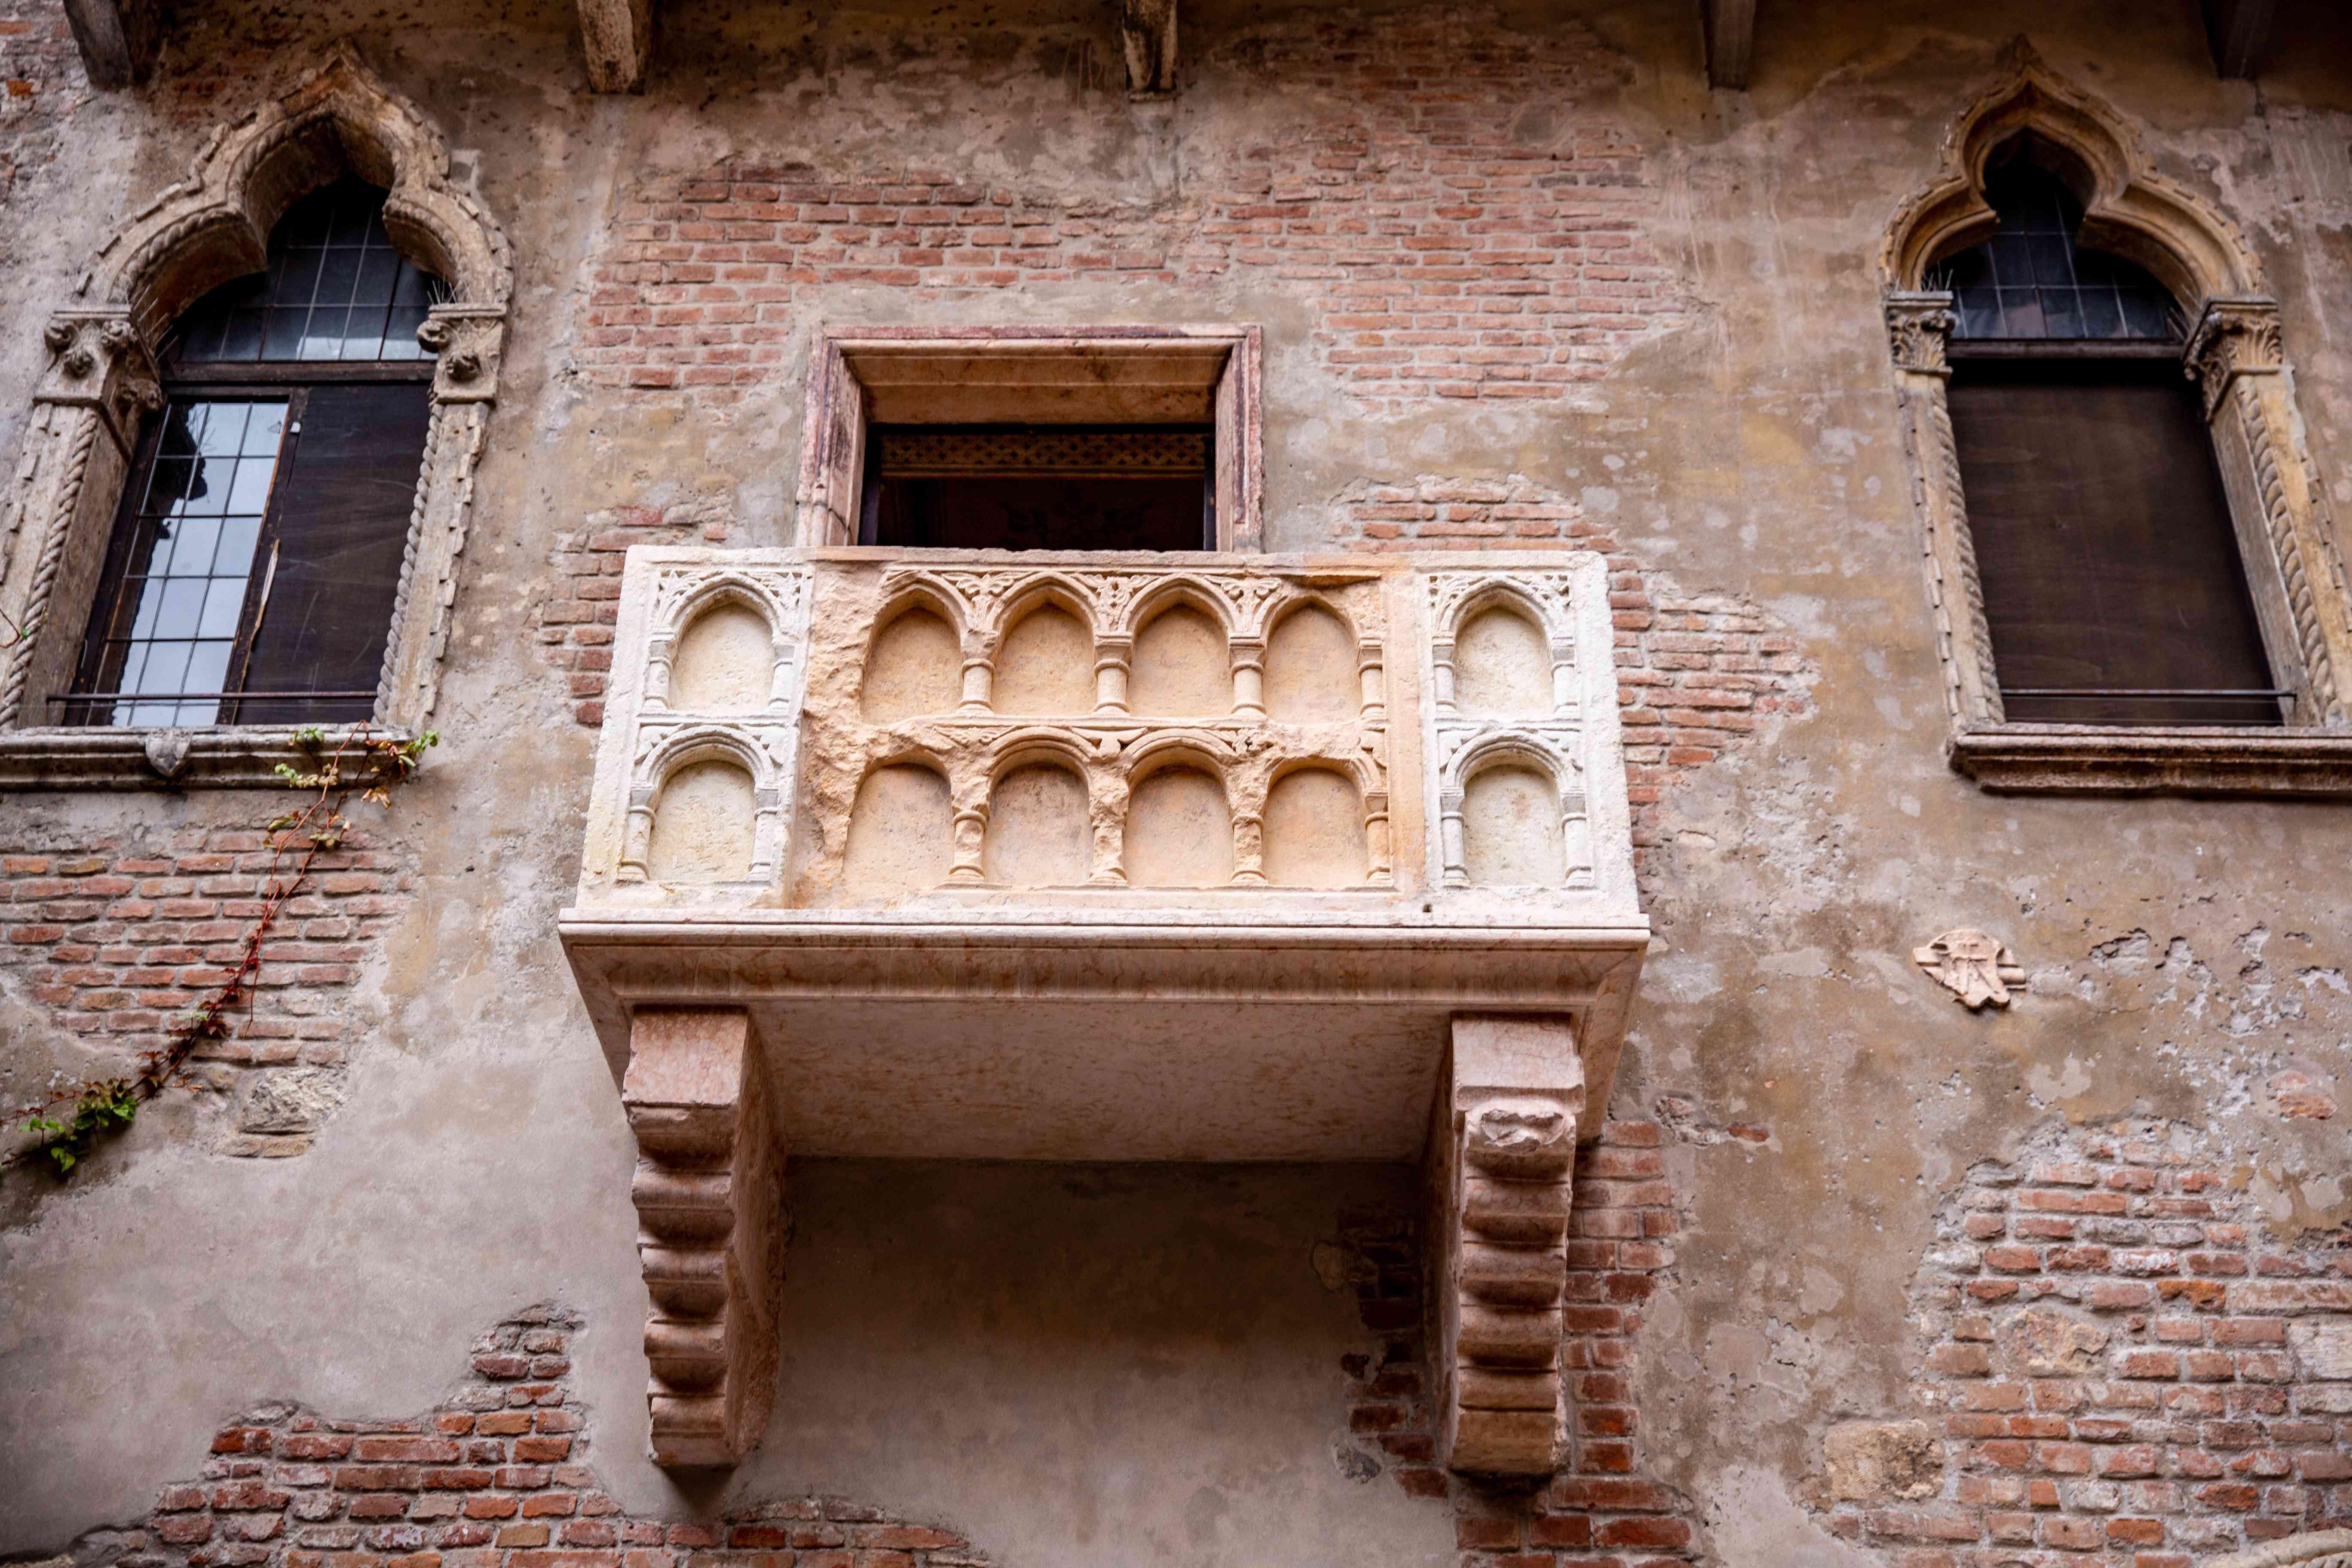 Juliet's House (Casa di Giulietta) in Verona